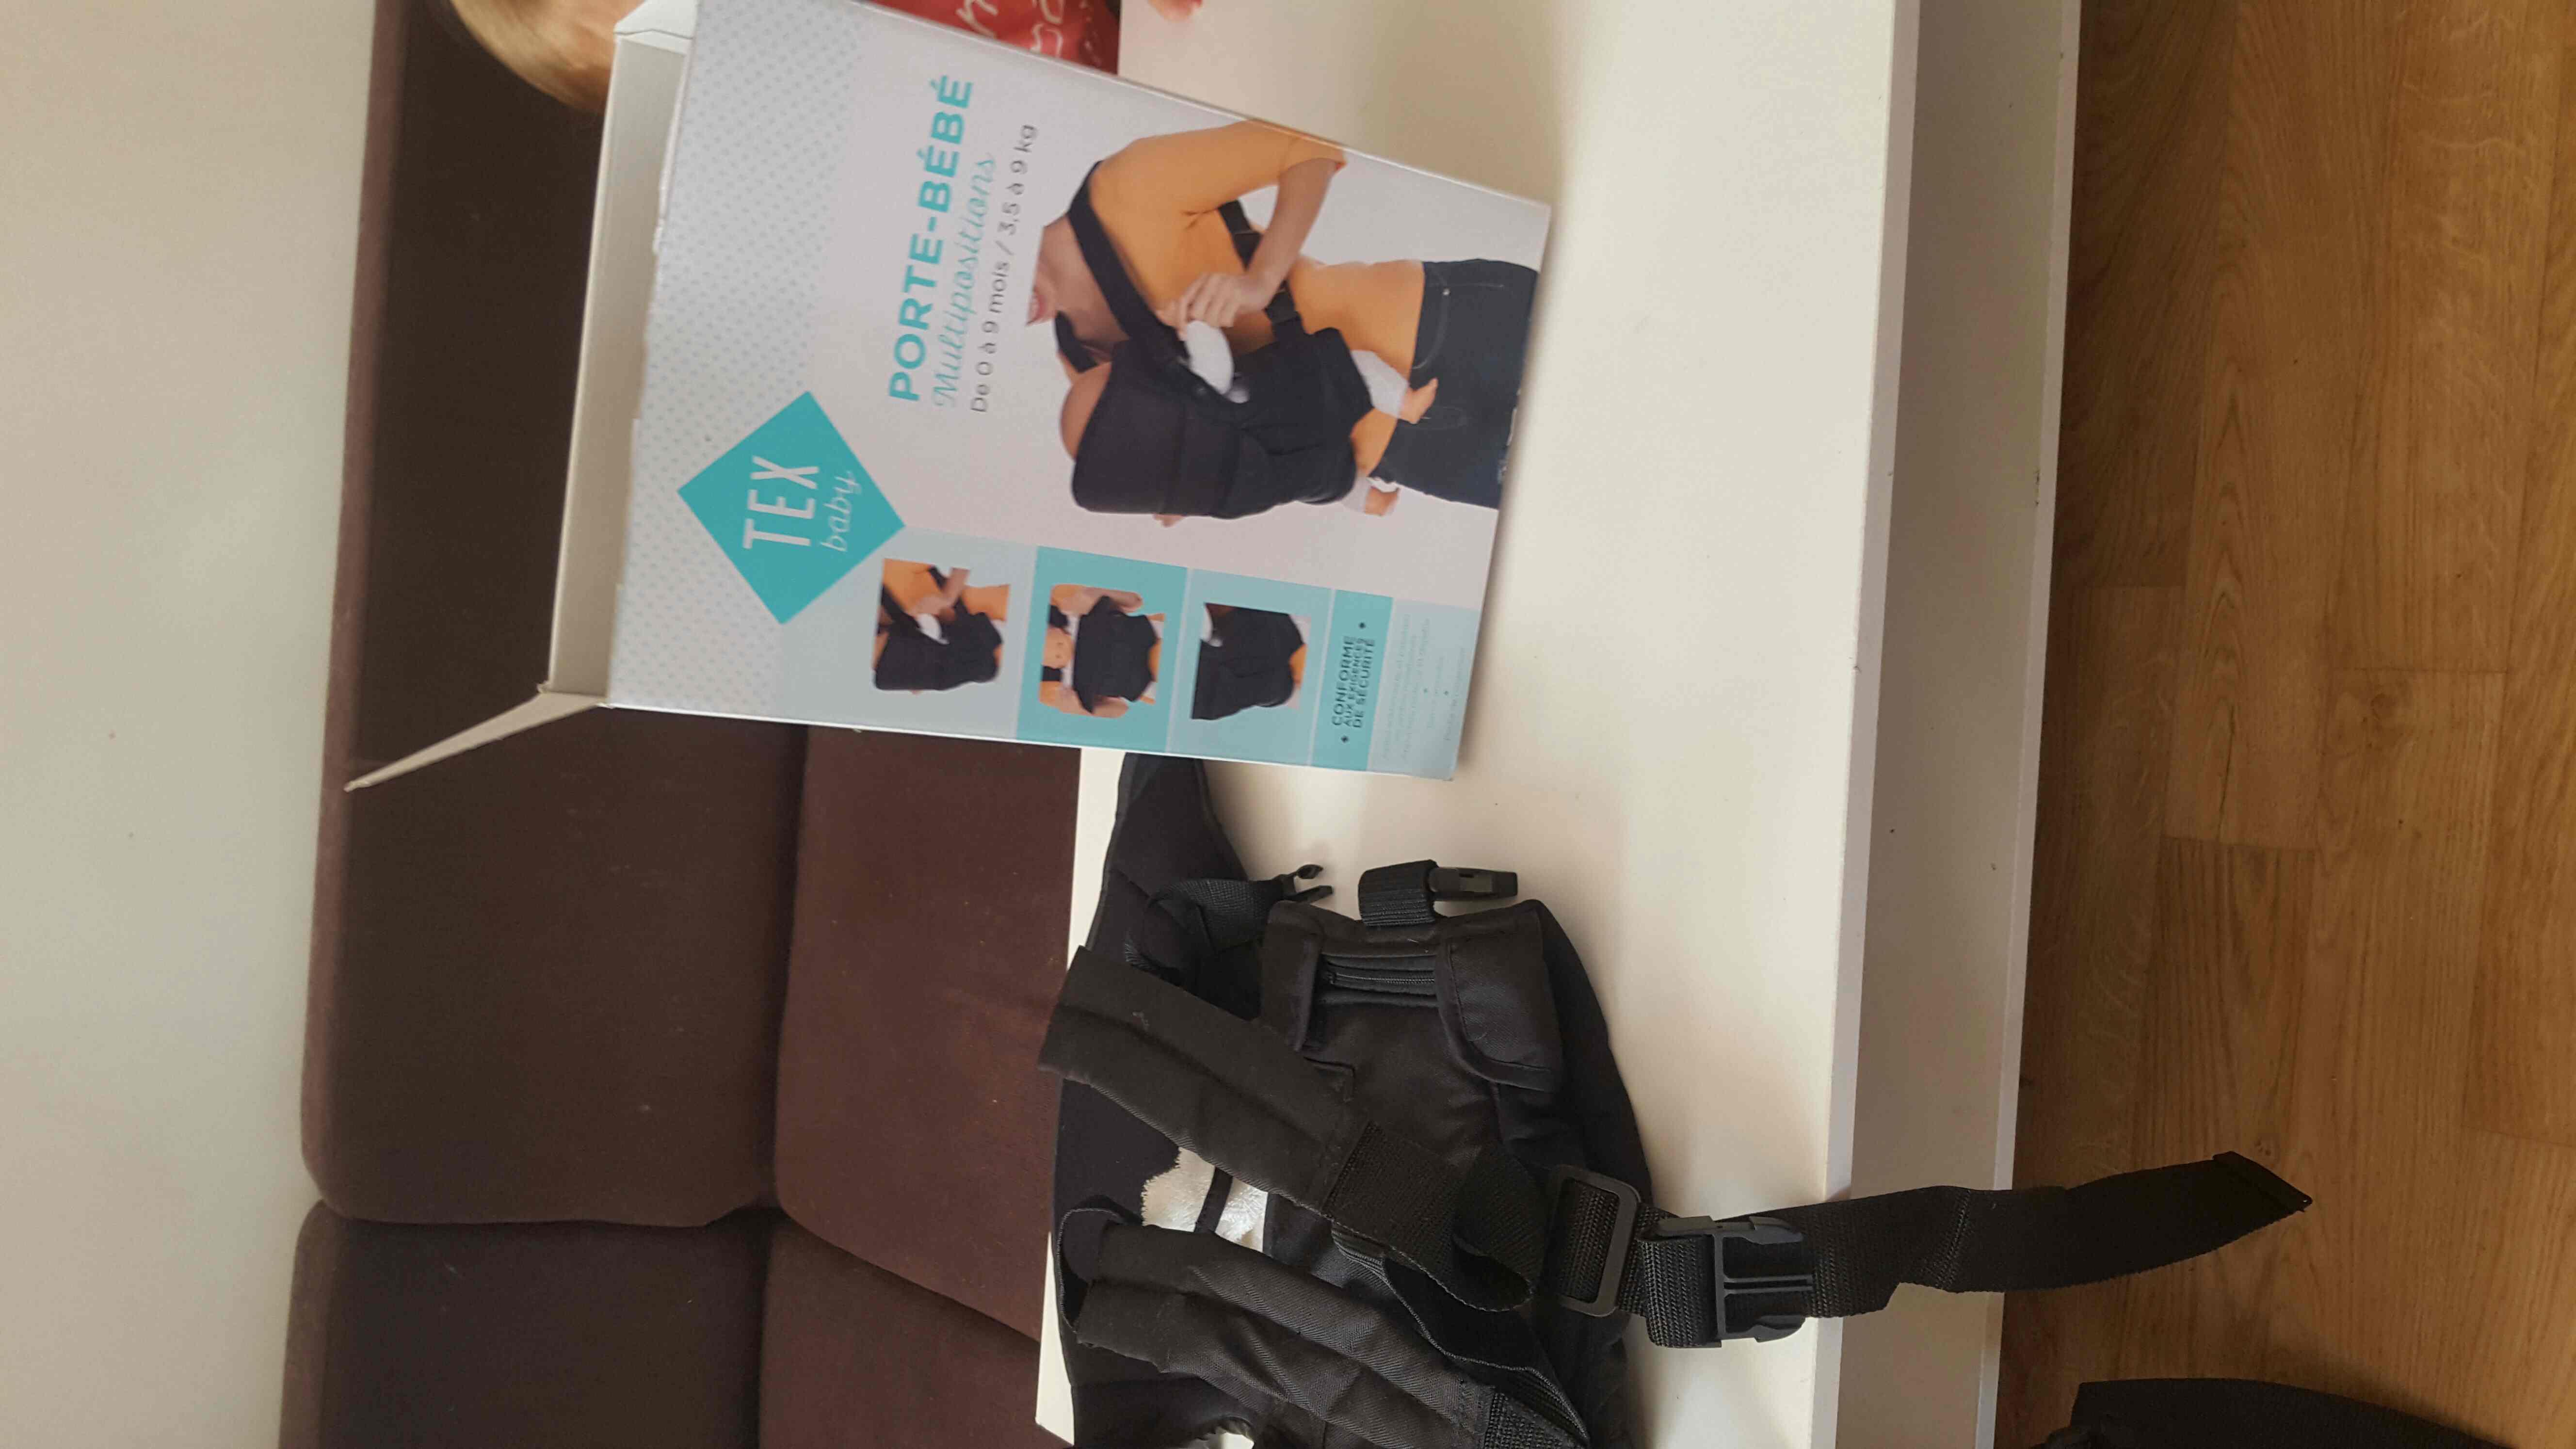 72babafe4d97 Achetez porte bébé tex quasi neuf, annonce vente à Juvisy-sur-Orge ...